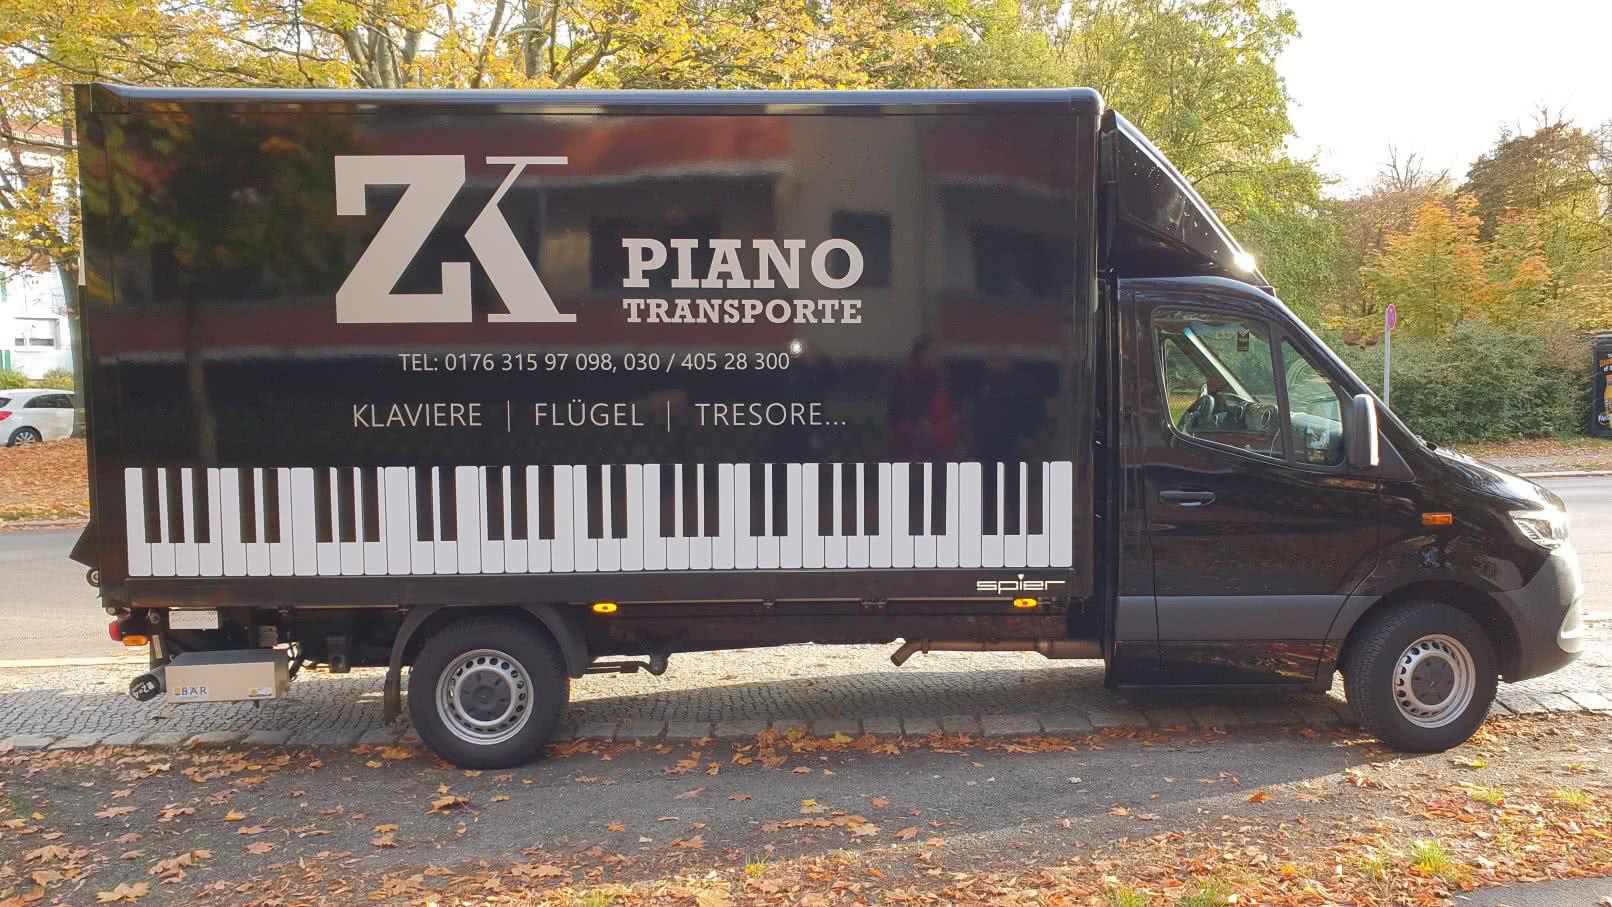 Klaviertransport Berlin - Spedition ZK Piano Transporte - Transport von Klaviere, Flügel, Tresore und vieles mehr